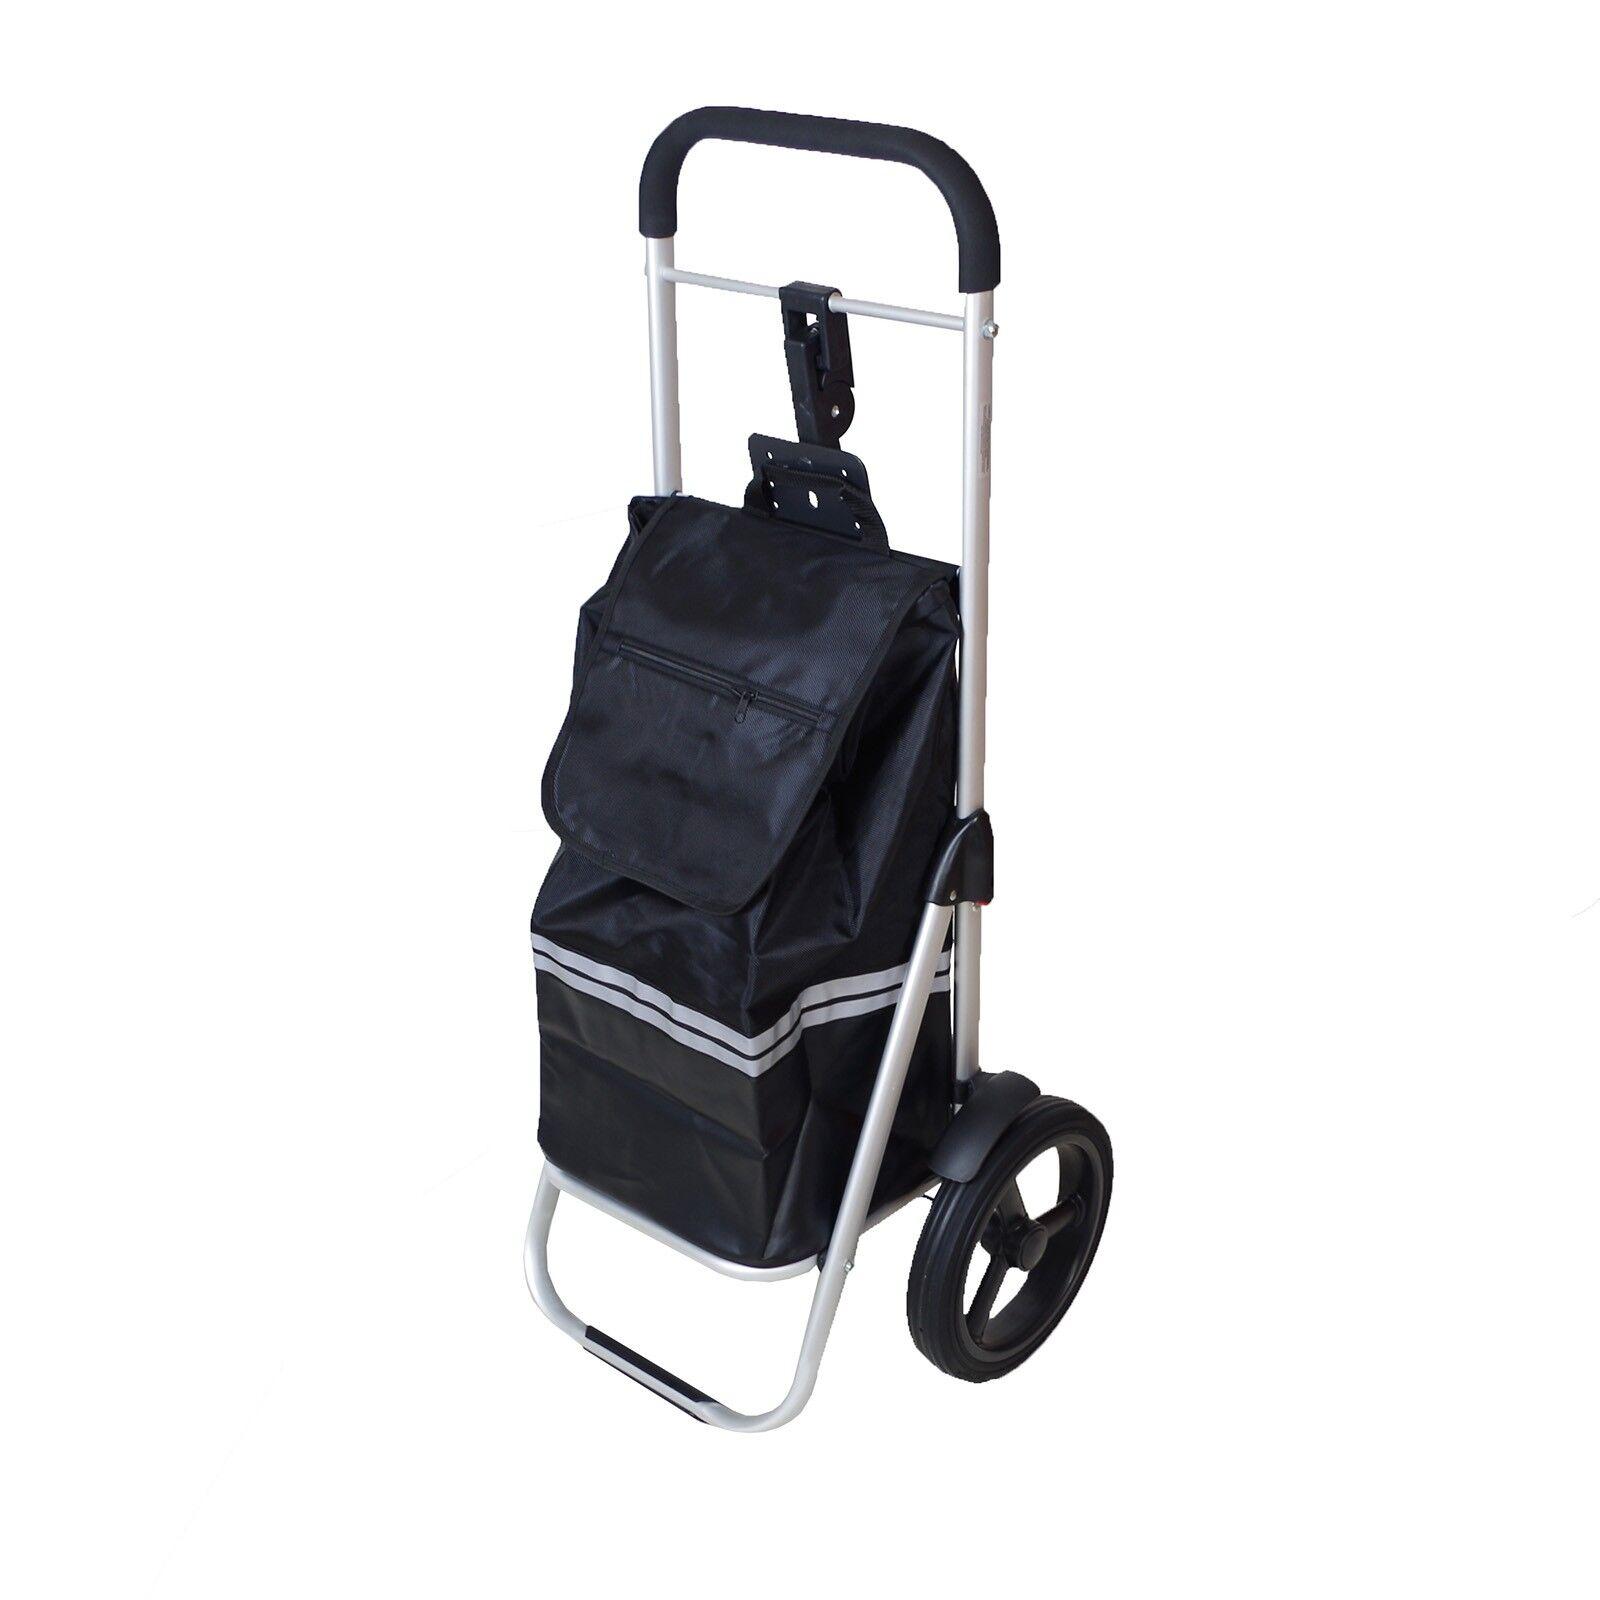 Fahrrad Anhänger Fahrrad Einkaufstrolley Fahrrad Anhänger mit Kupplung schwarz Anhänger Polyester 5d1c5f